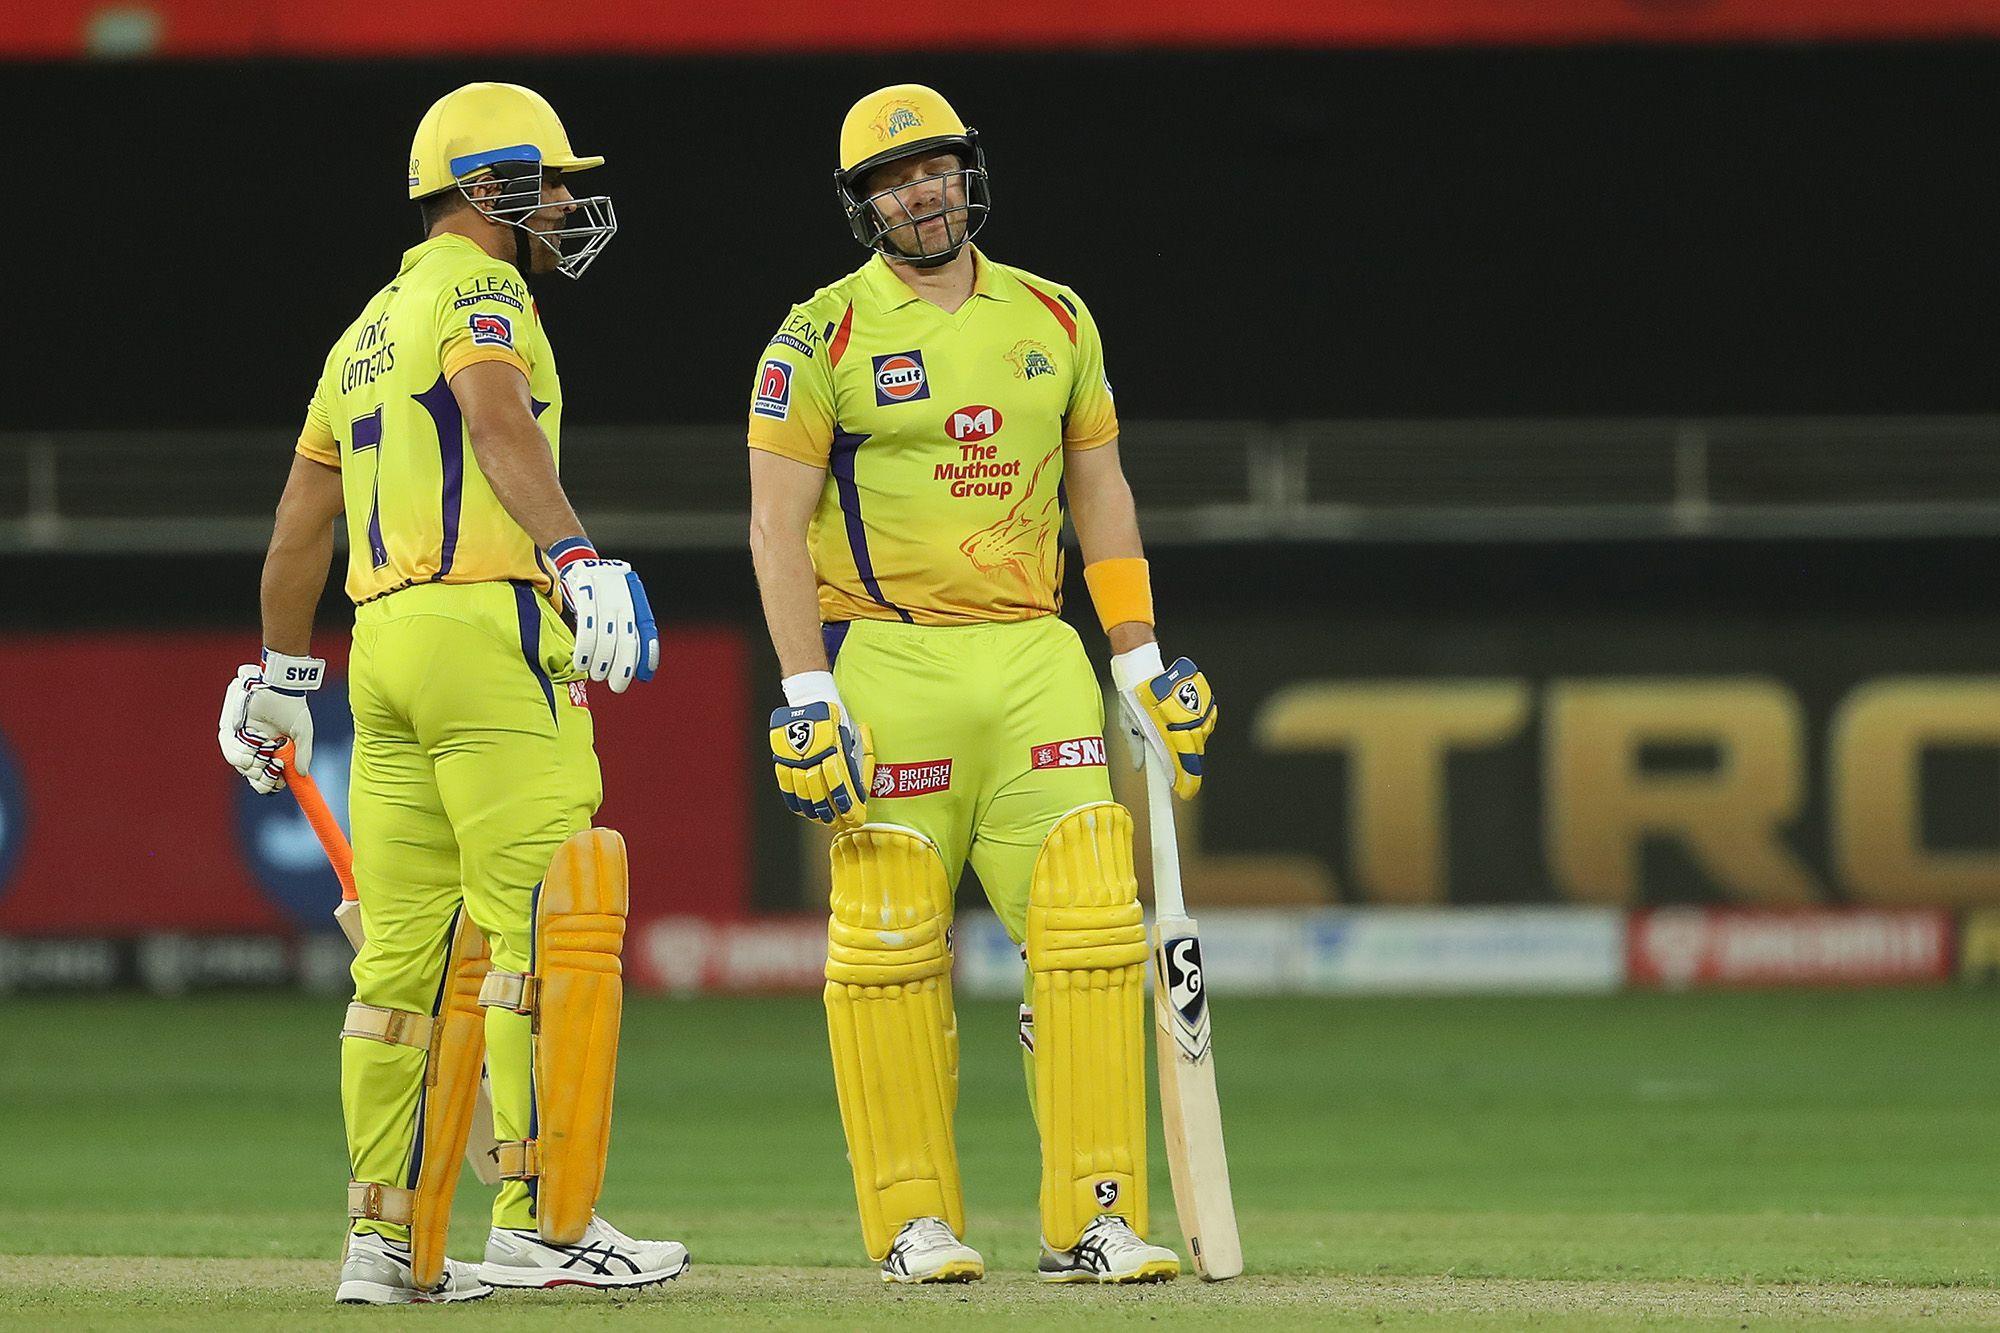 आईपीएल : हैदराबादलाई हराउँदै चेन्नईको तेस्रो जित